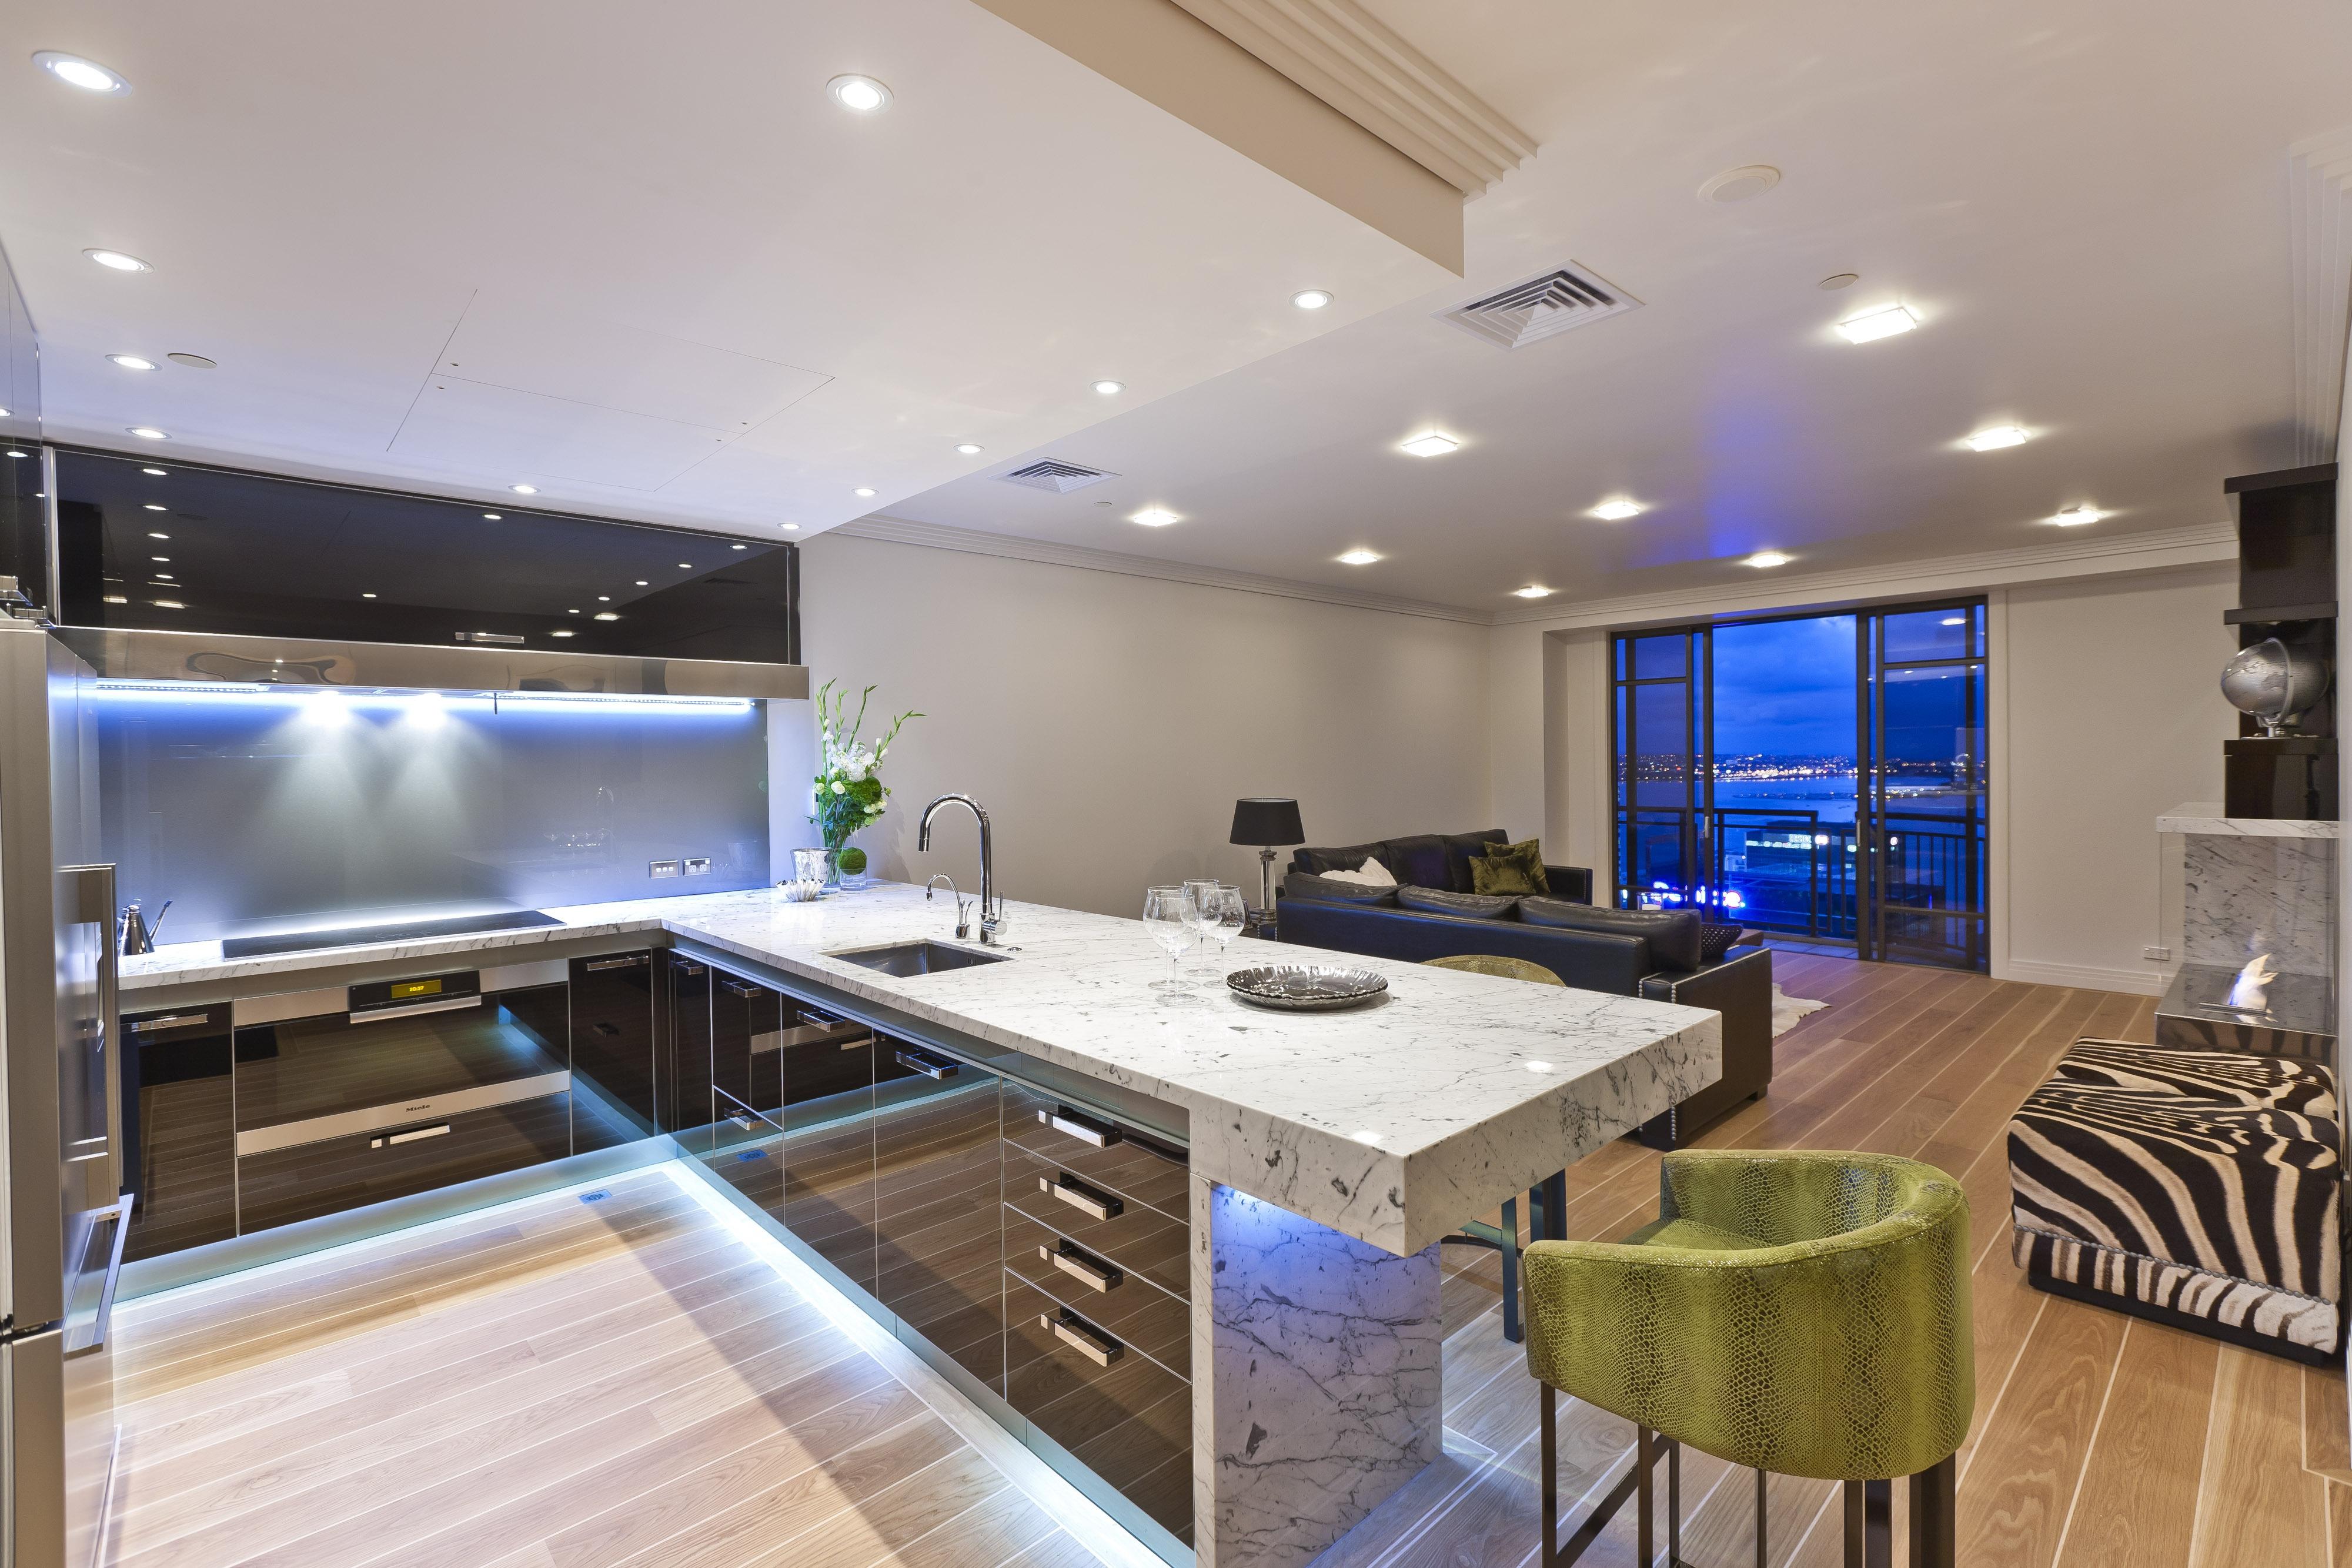 Innenarchitektur Yacht hintergrundbilder boot zimmer innere fahrzeug küche stadt